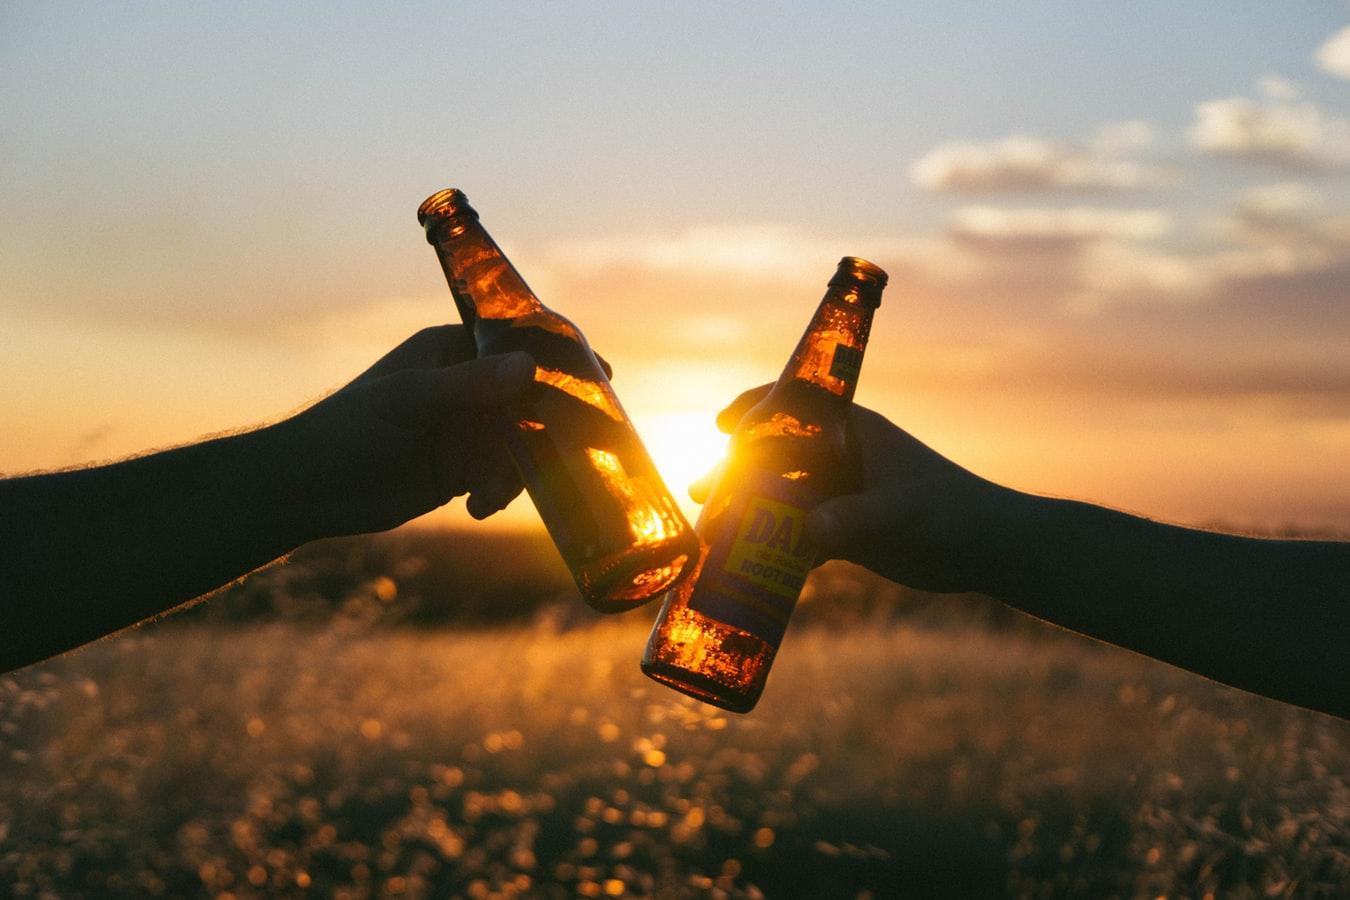 BTW op bier